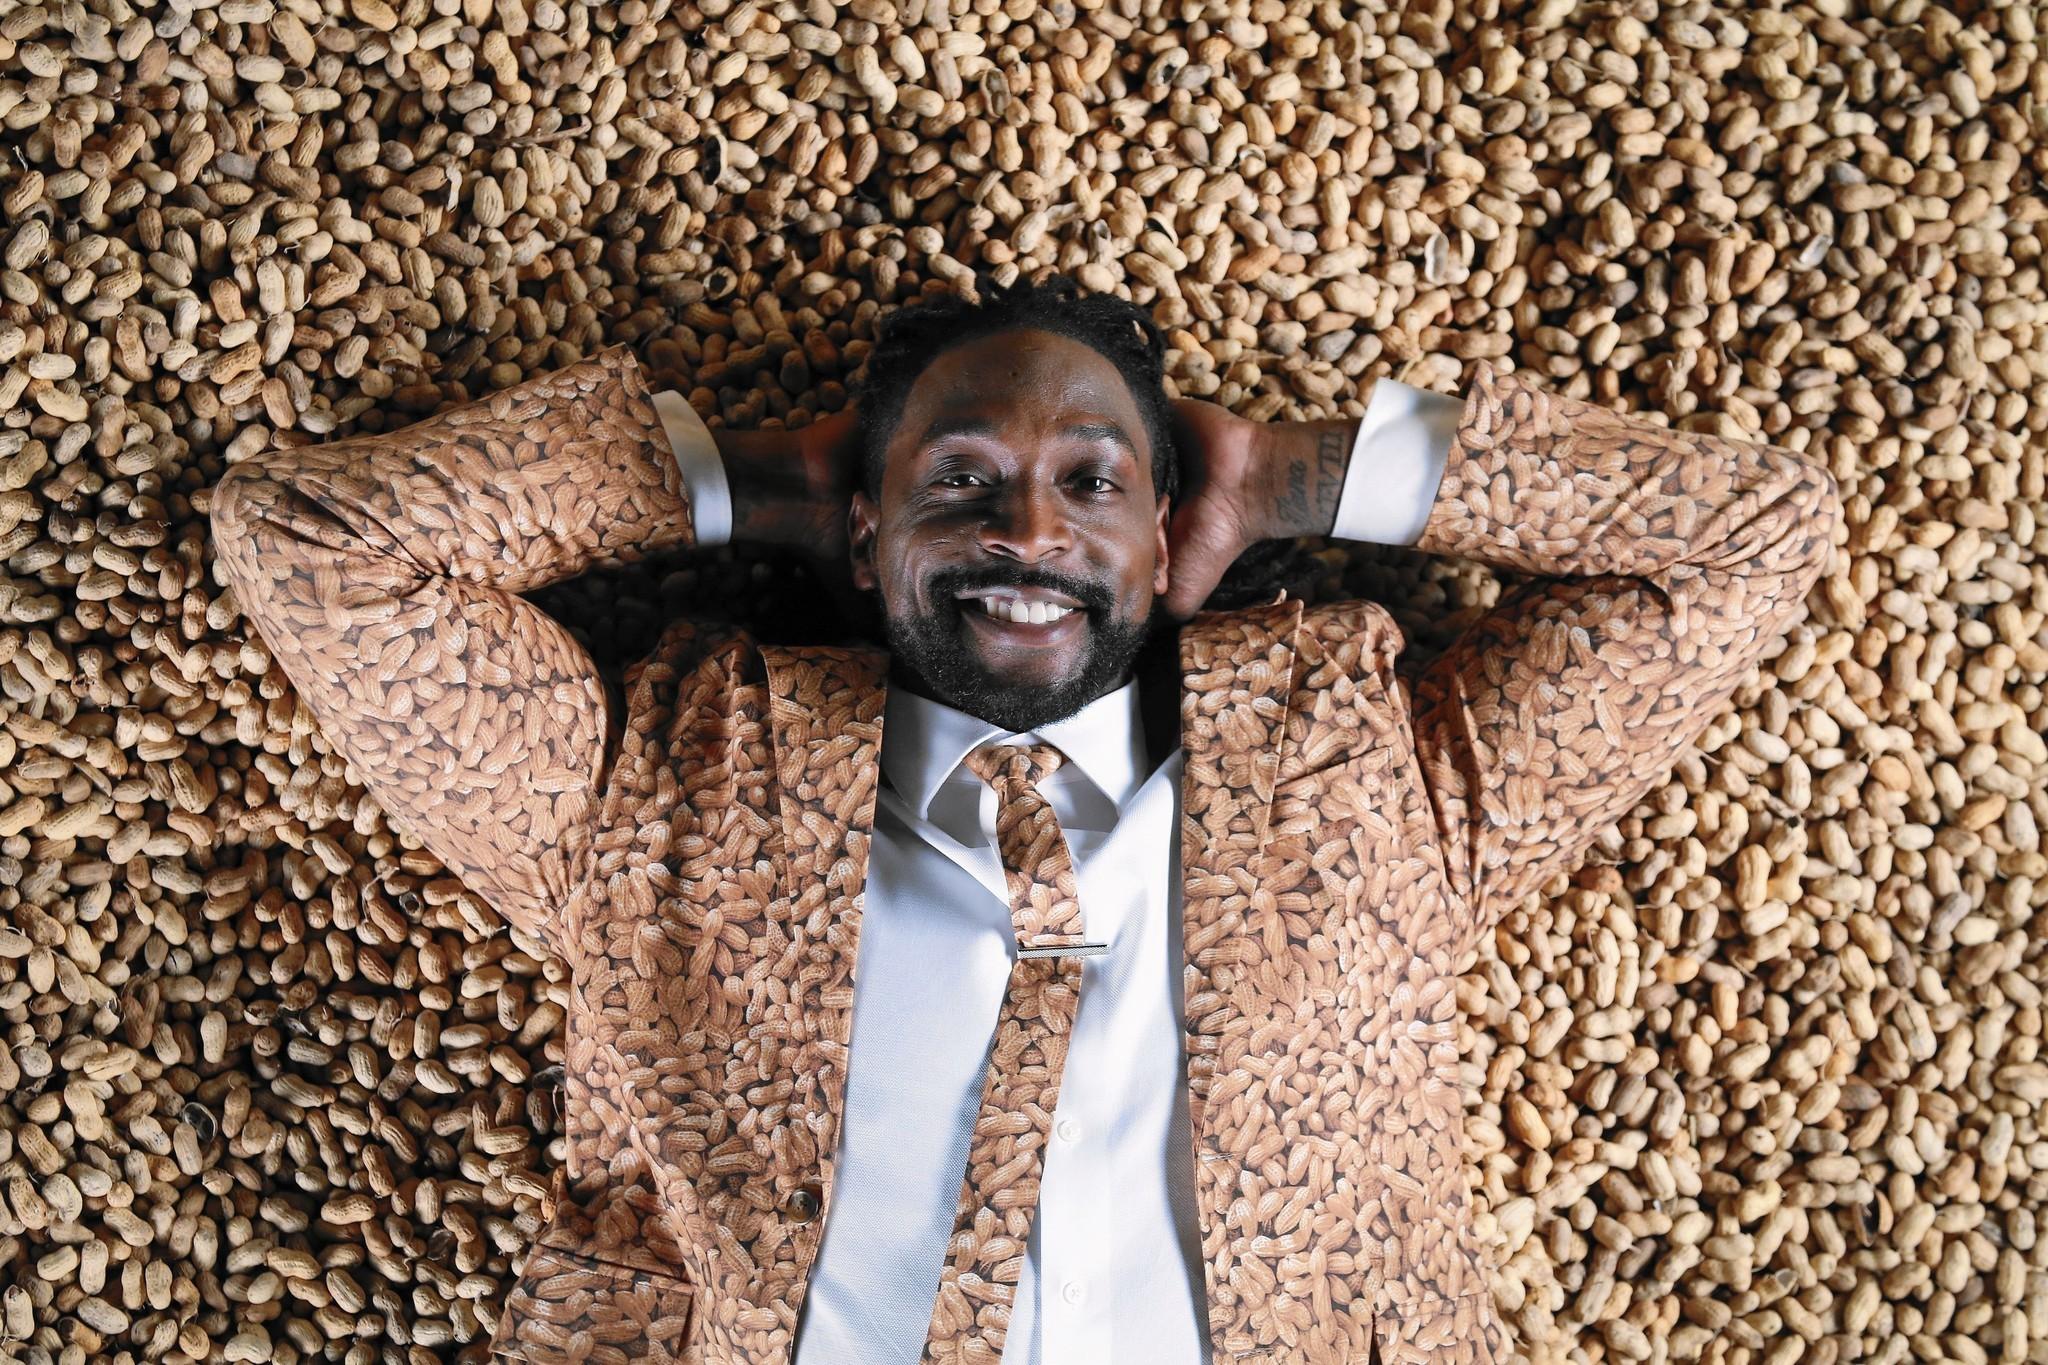 Ct-peanut-tillman-chicago-inc-spt-0315-20170315